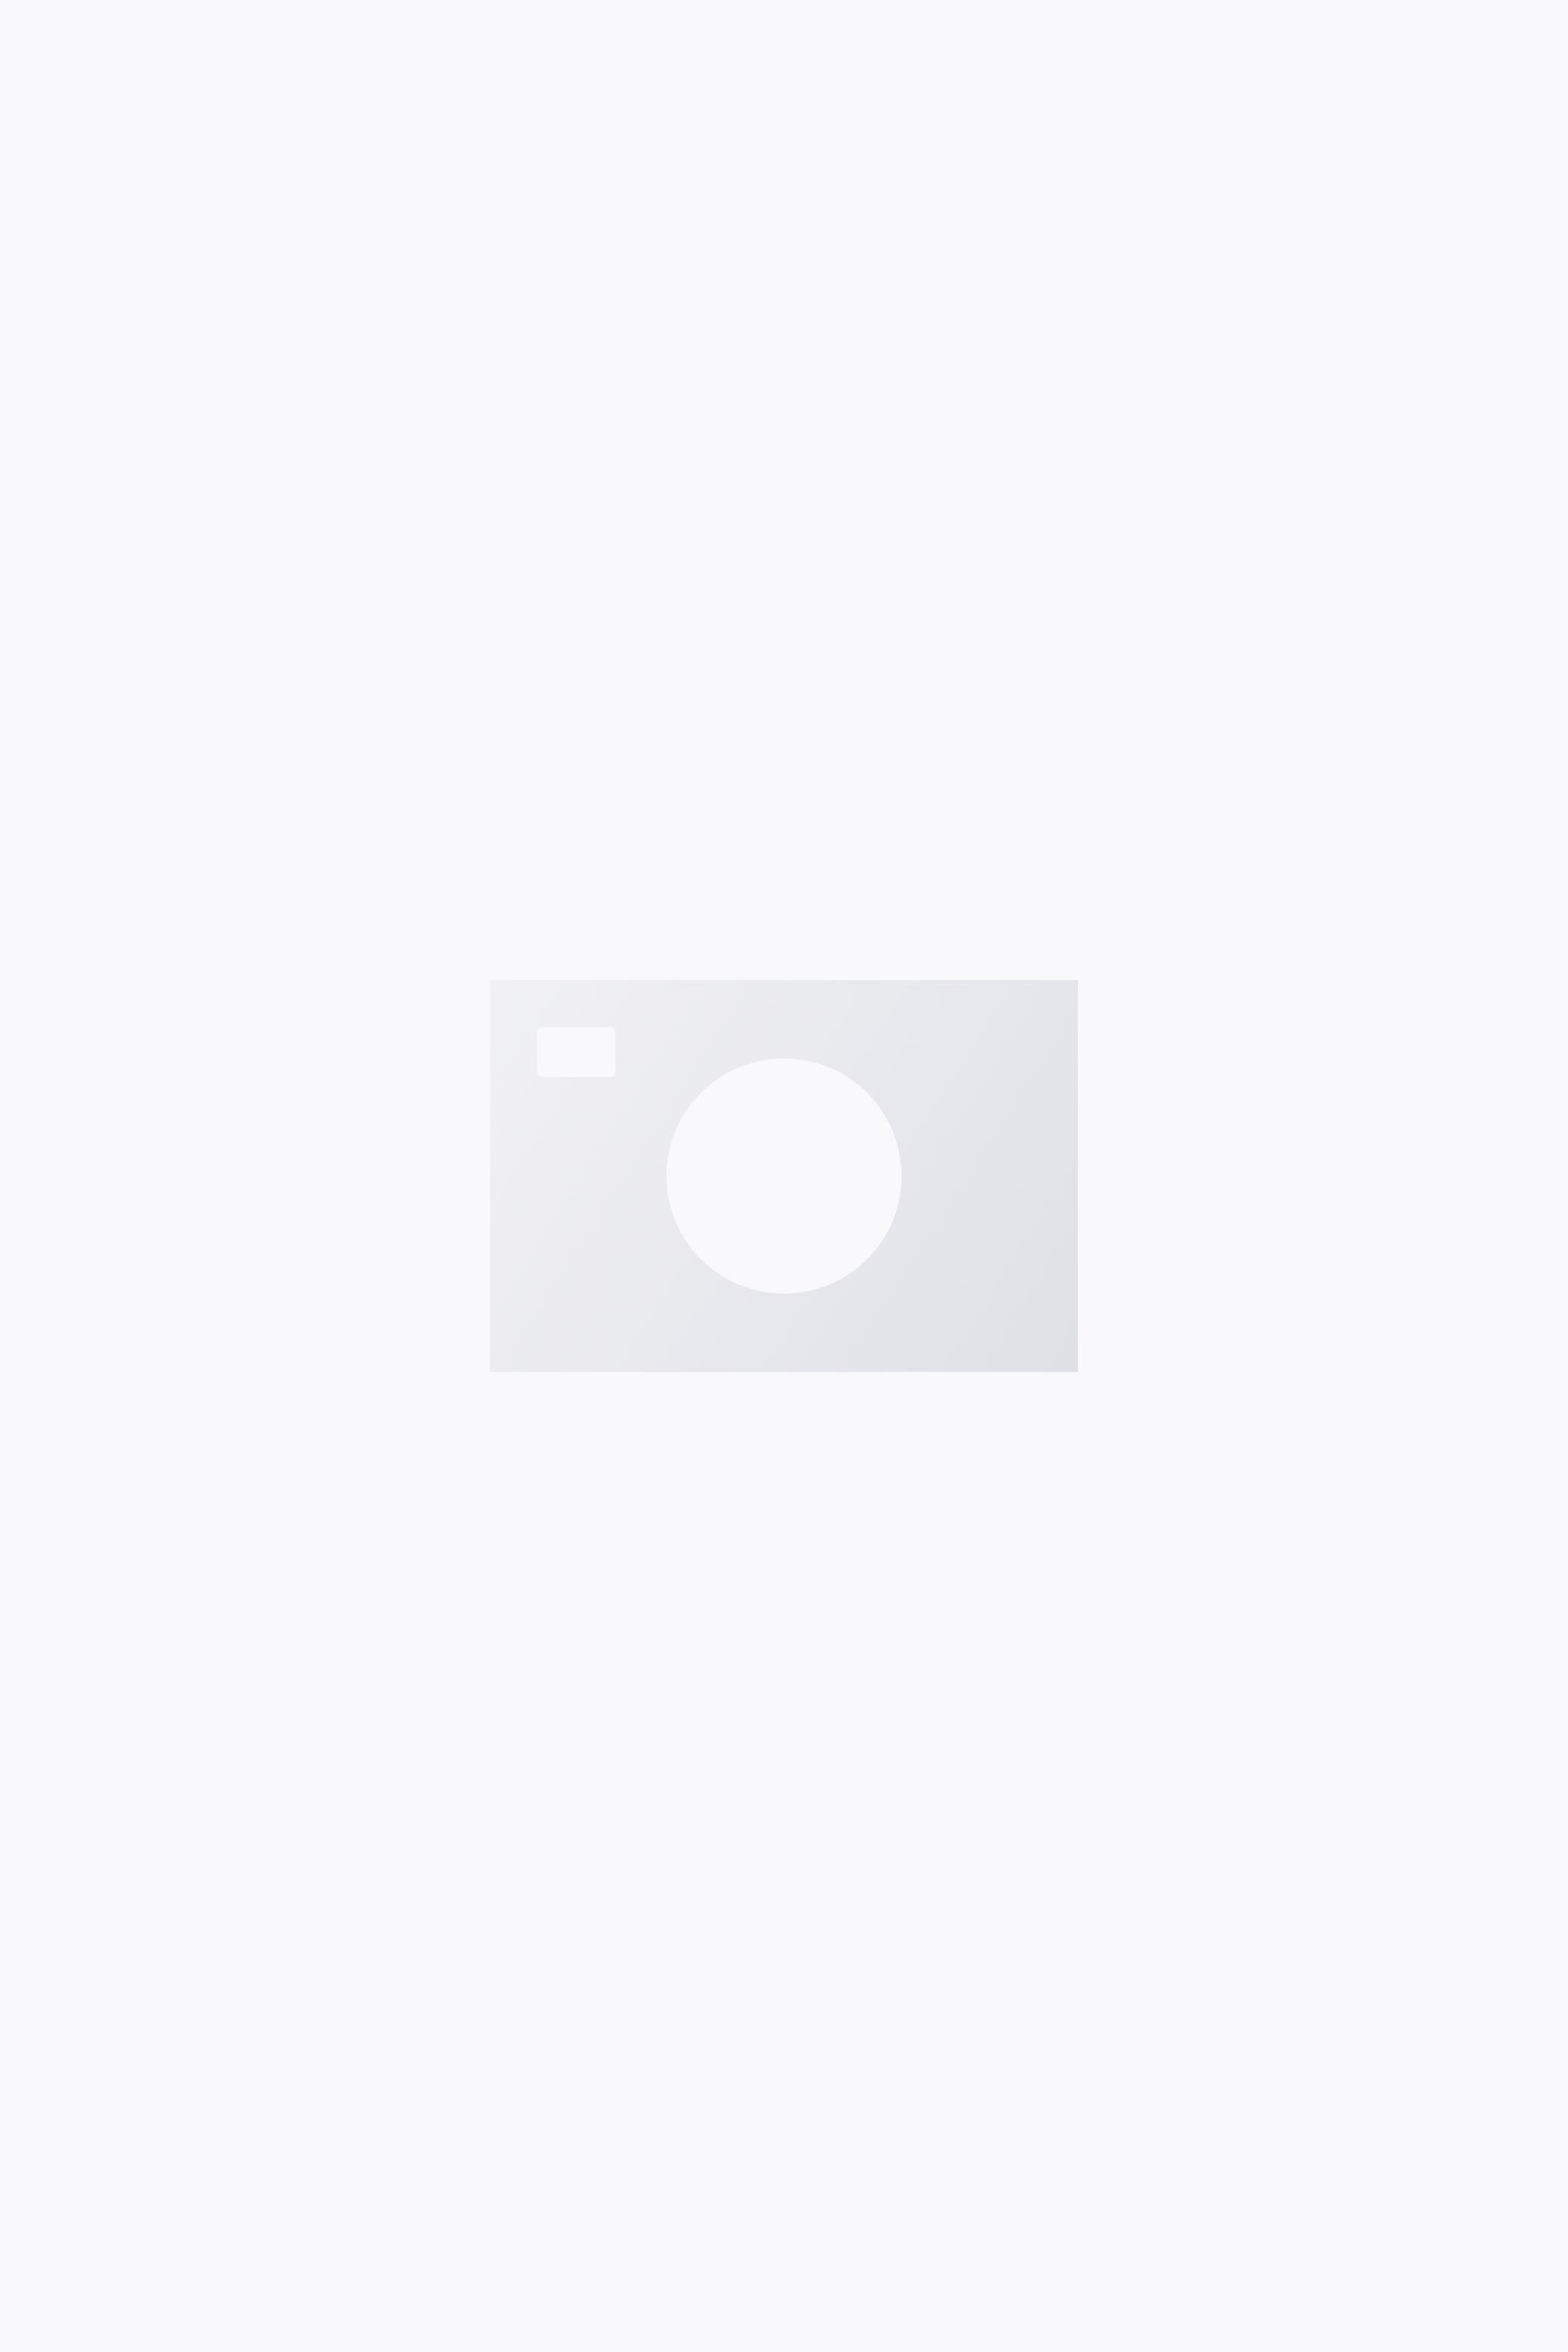 앤 아더 스토리즈 & OTHER STORIES Frilled Embroidery Midi Dress,White